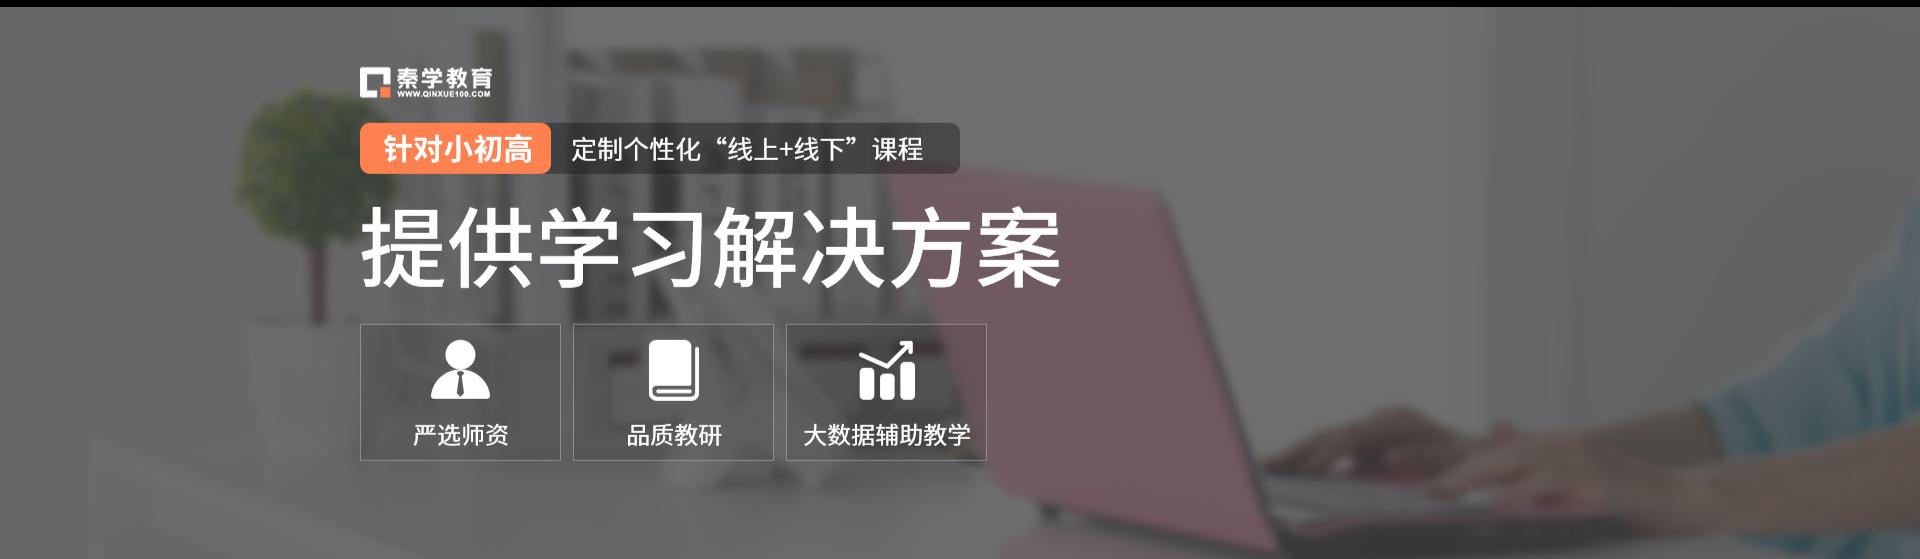 江苏秦学教育,小初高线上线下个性化课程辅导